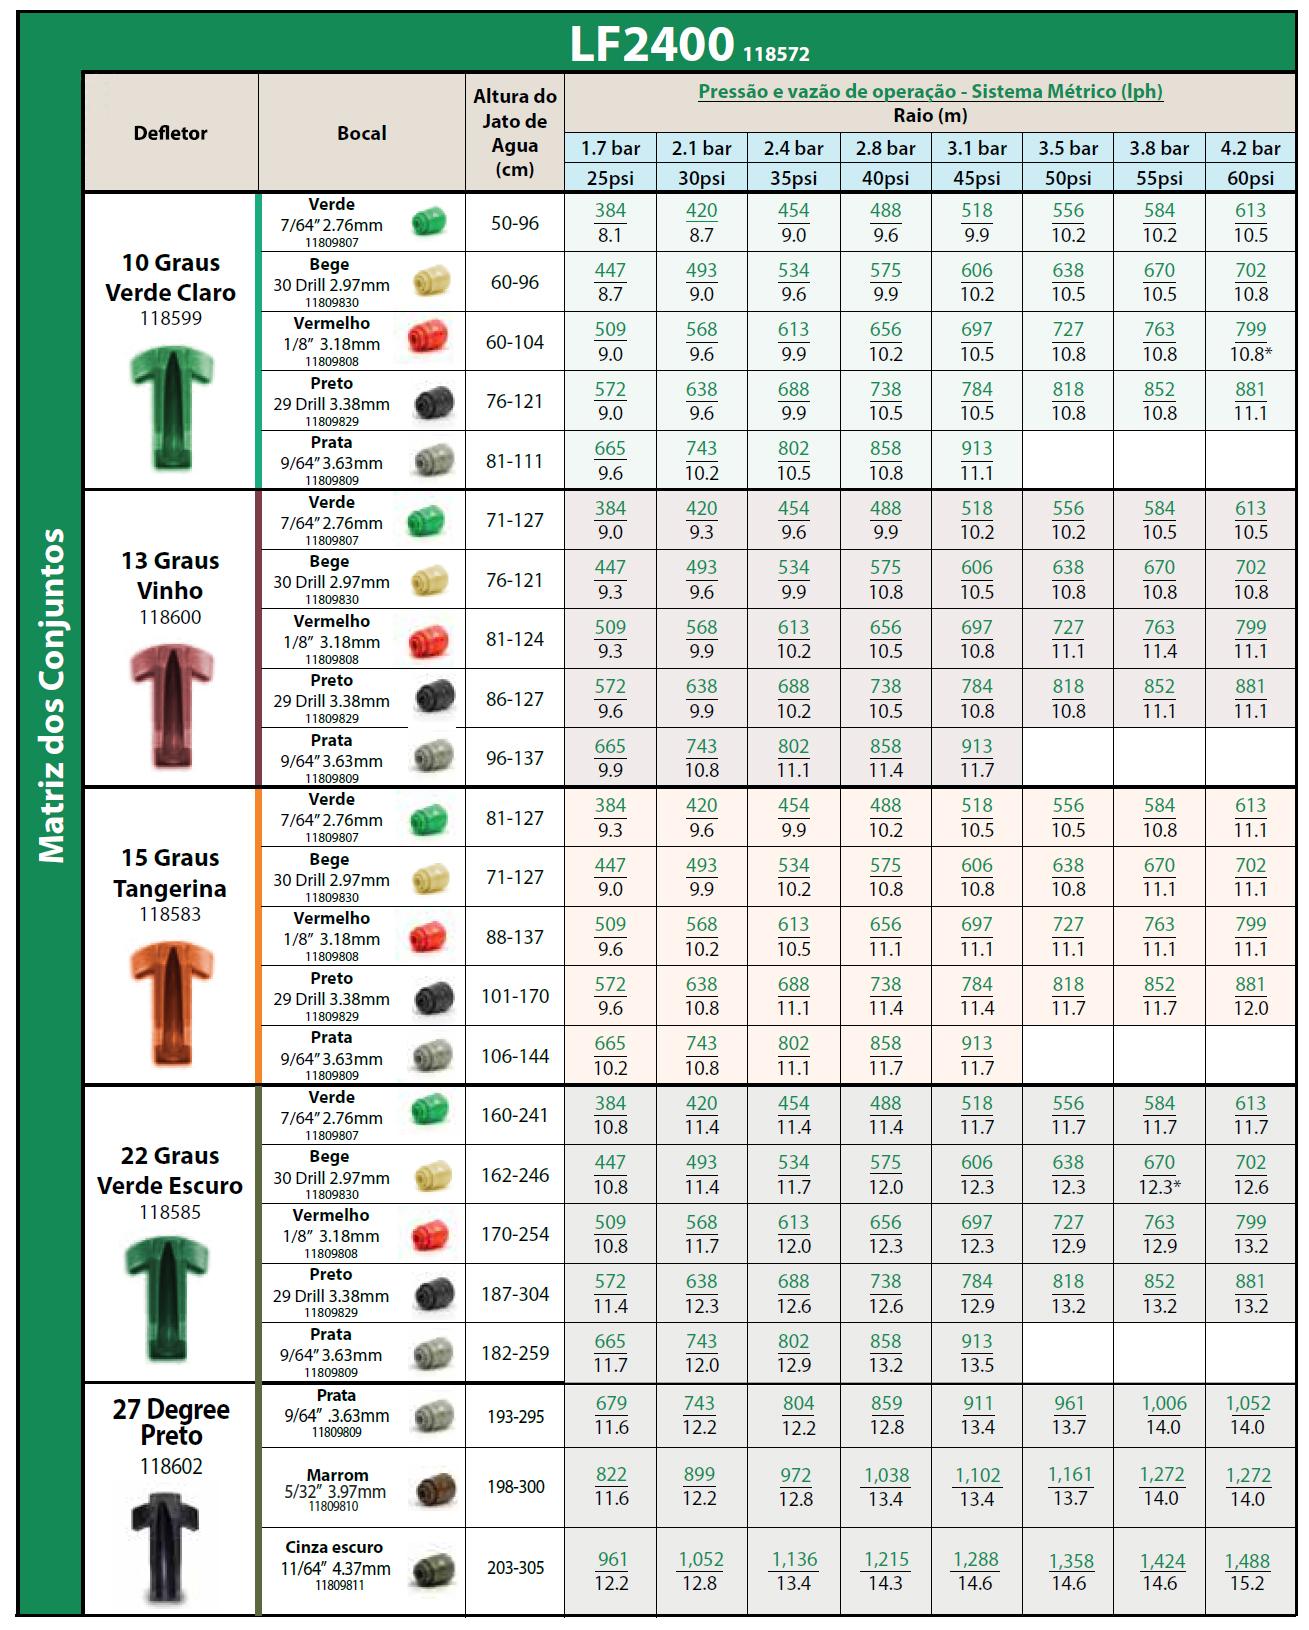 Tabela de pressão e vazão de operação - Sistema Métrico (Iph) - LF2400 118572